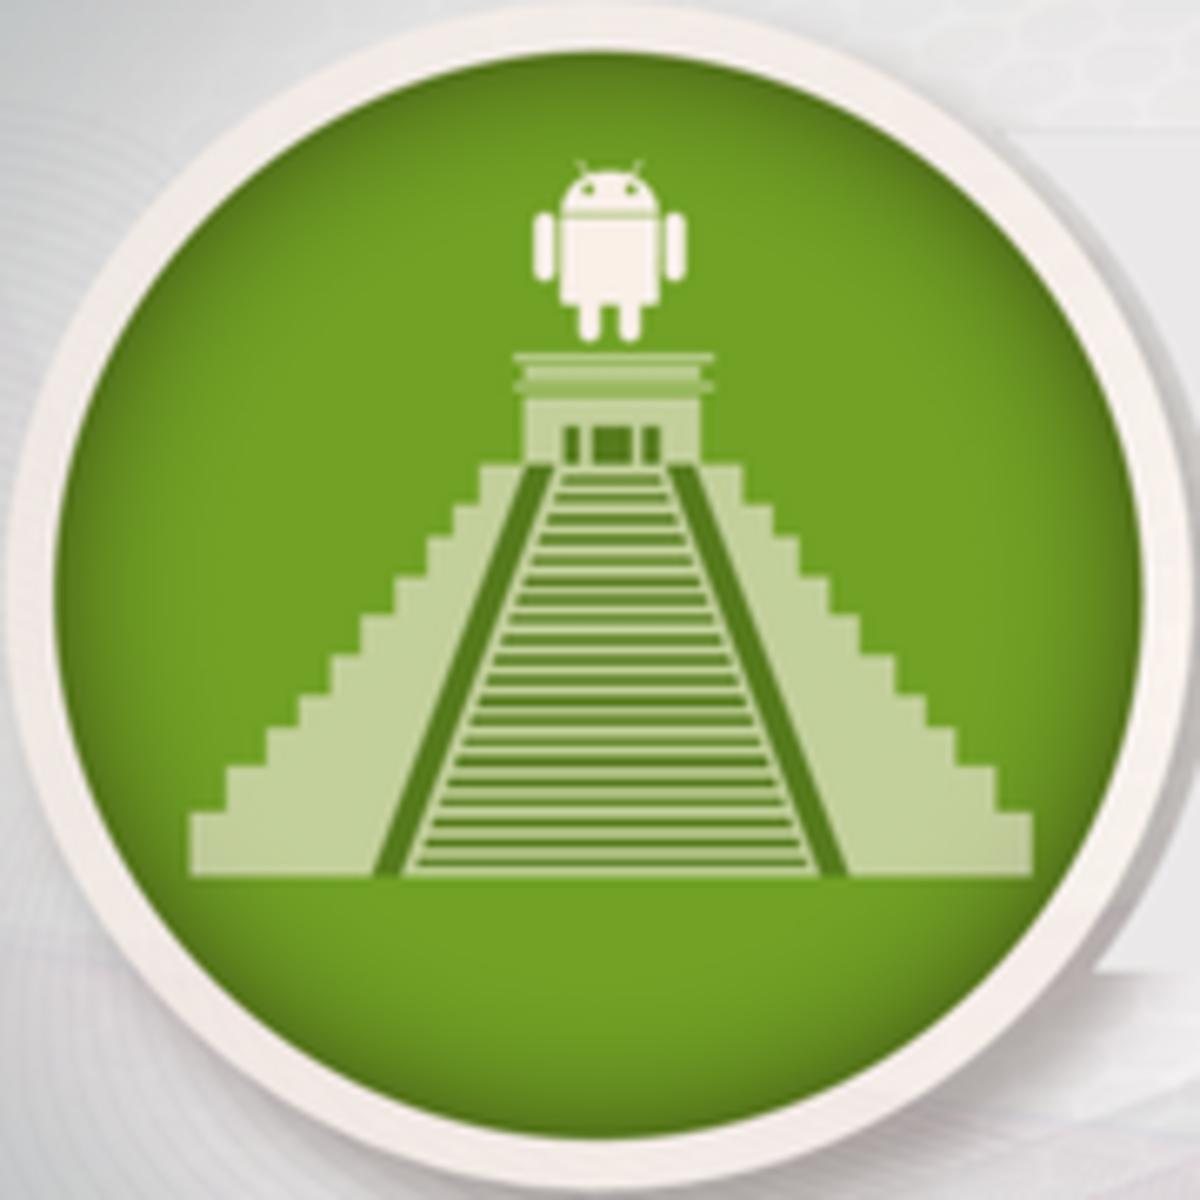 Programando con Java para aplicaciones Android